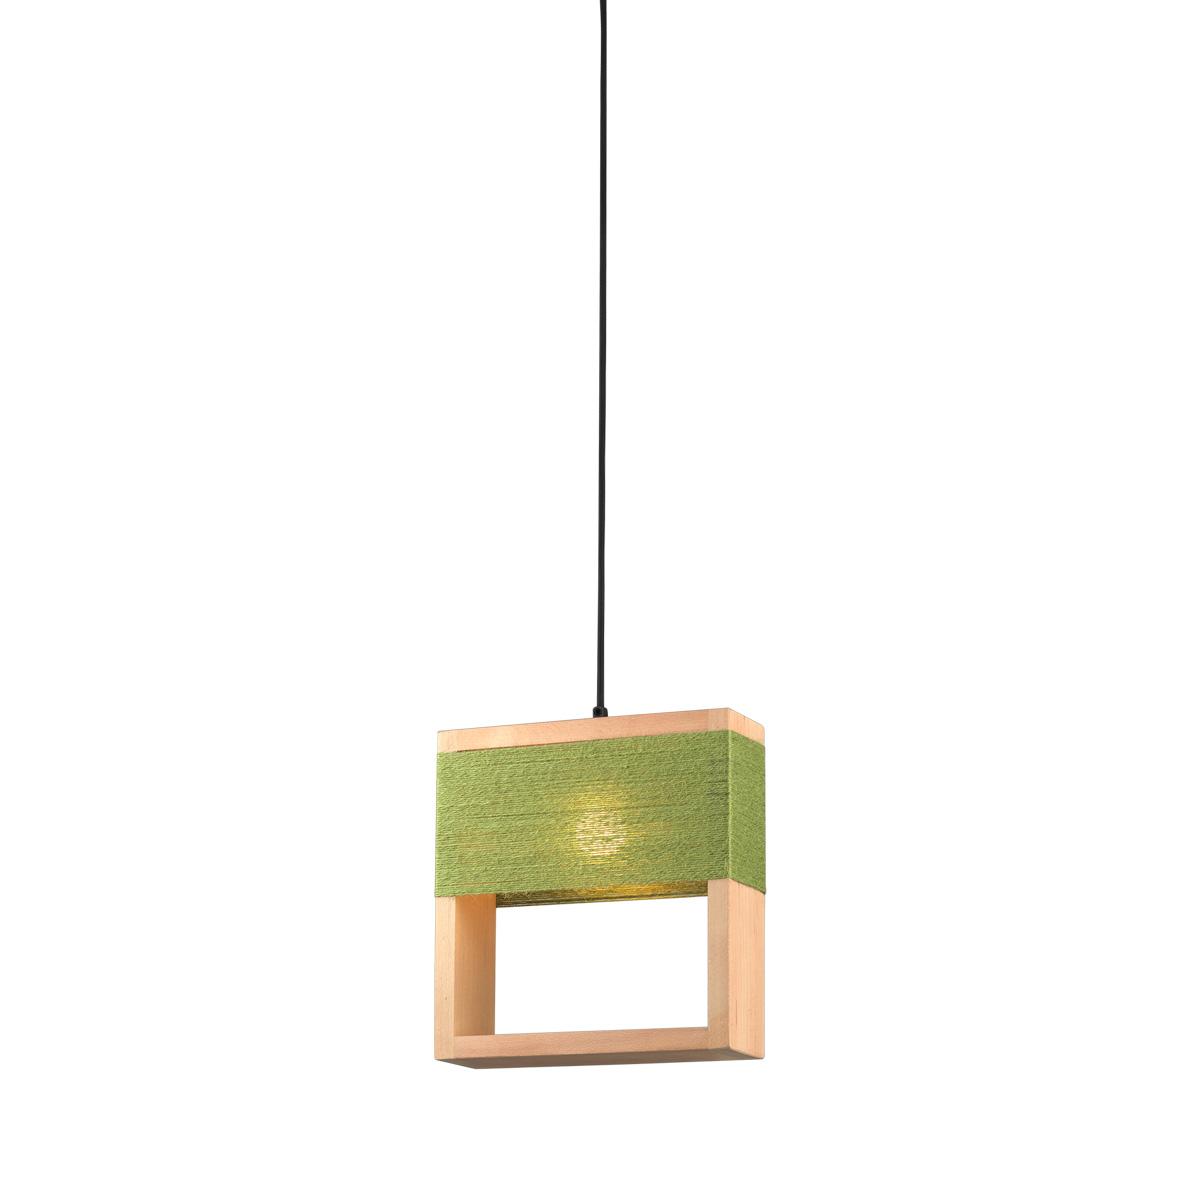 Τετράγωνο ξύλινο φωτιστικό SOHO square wooden pendant light